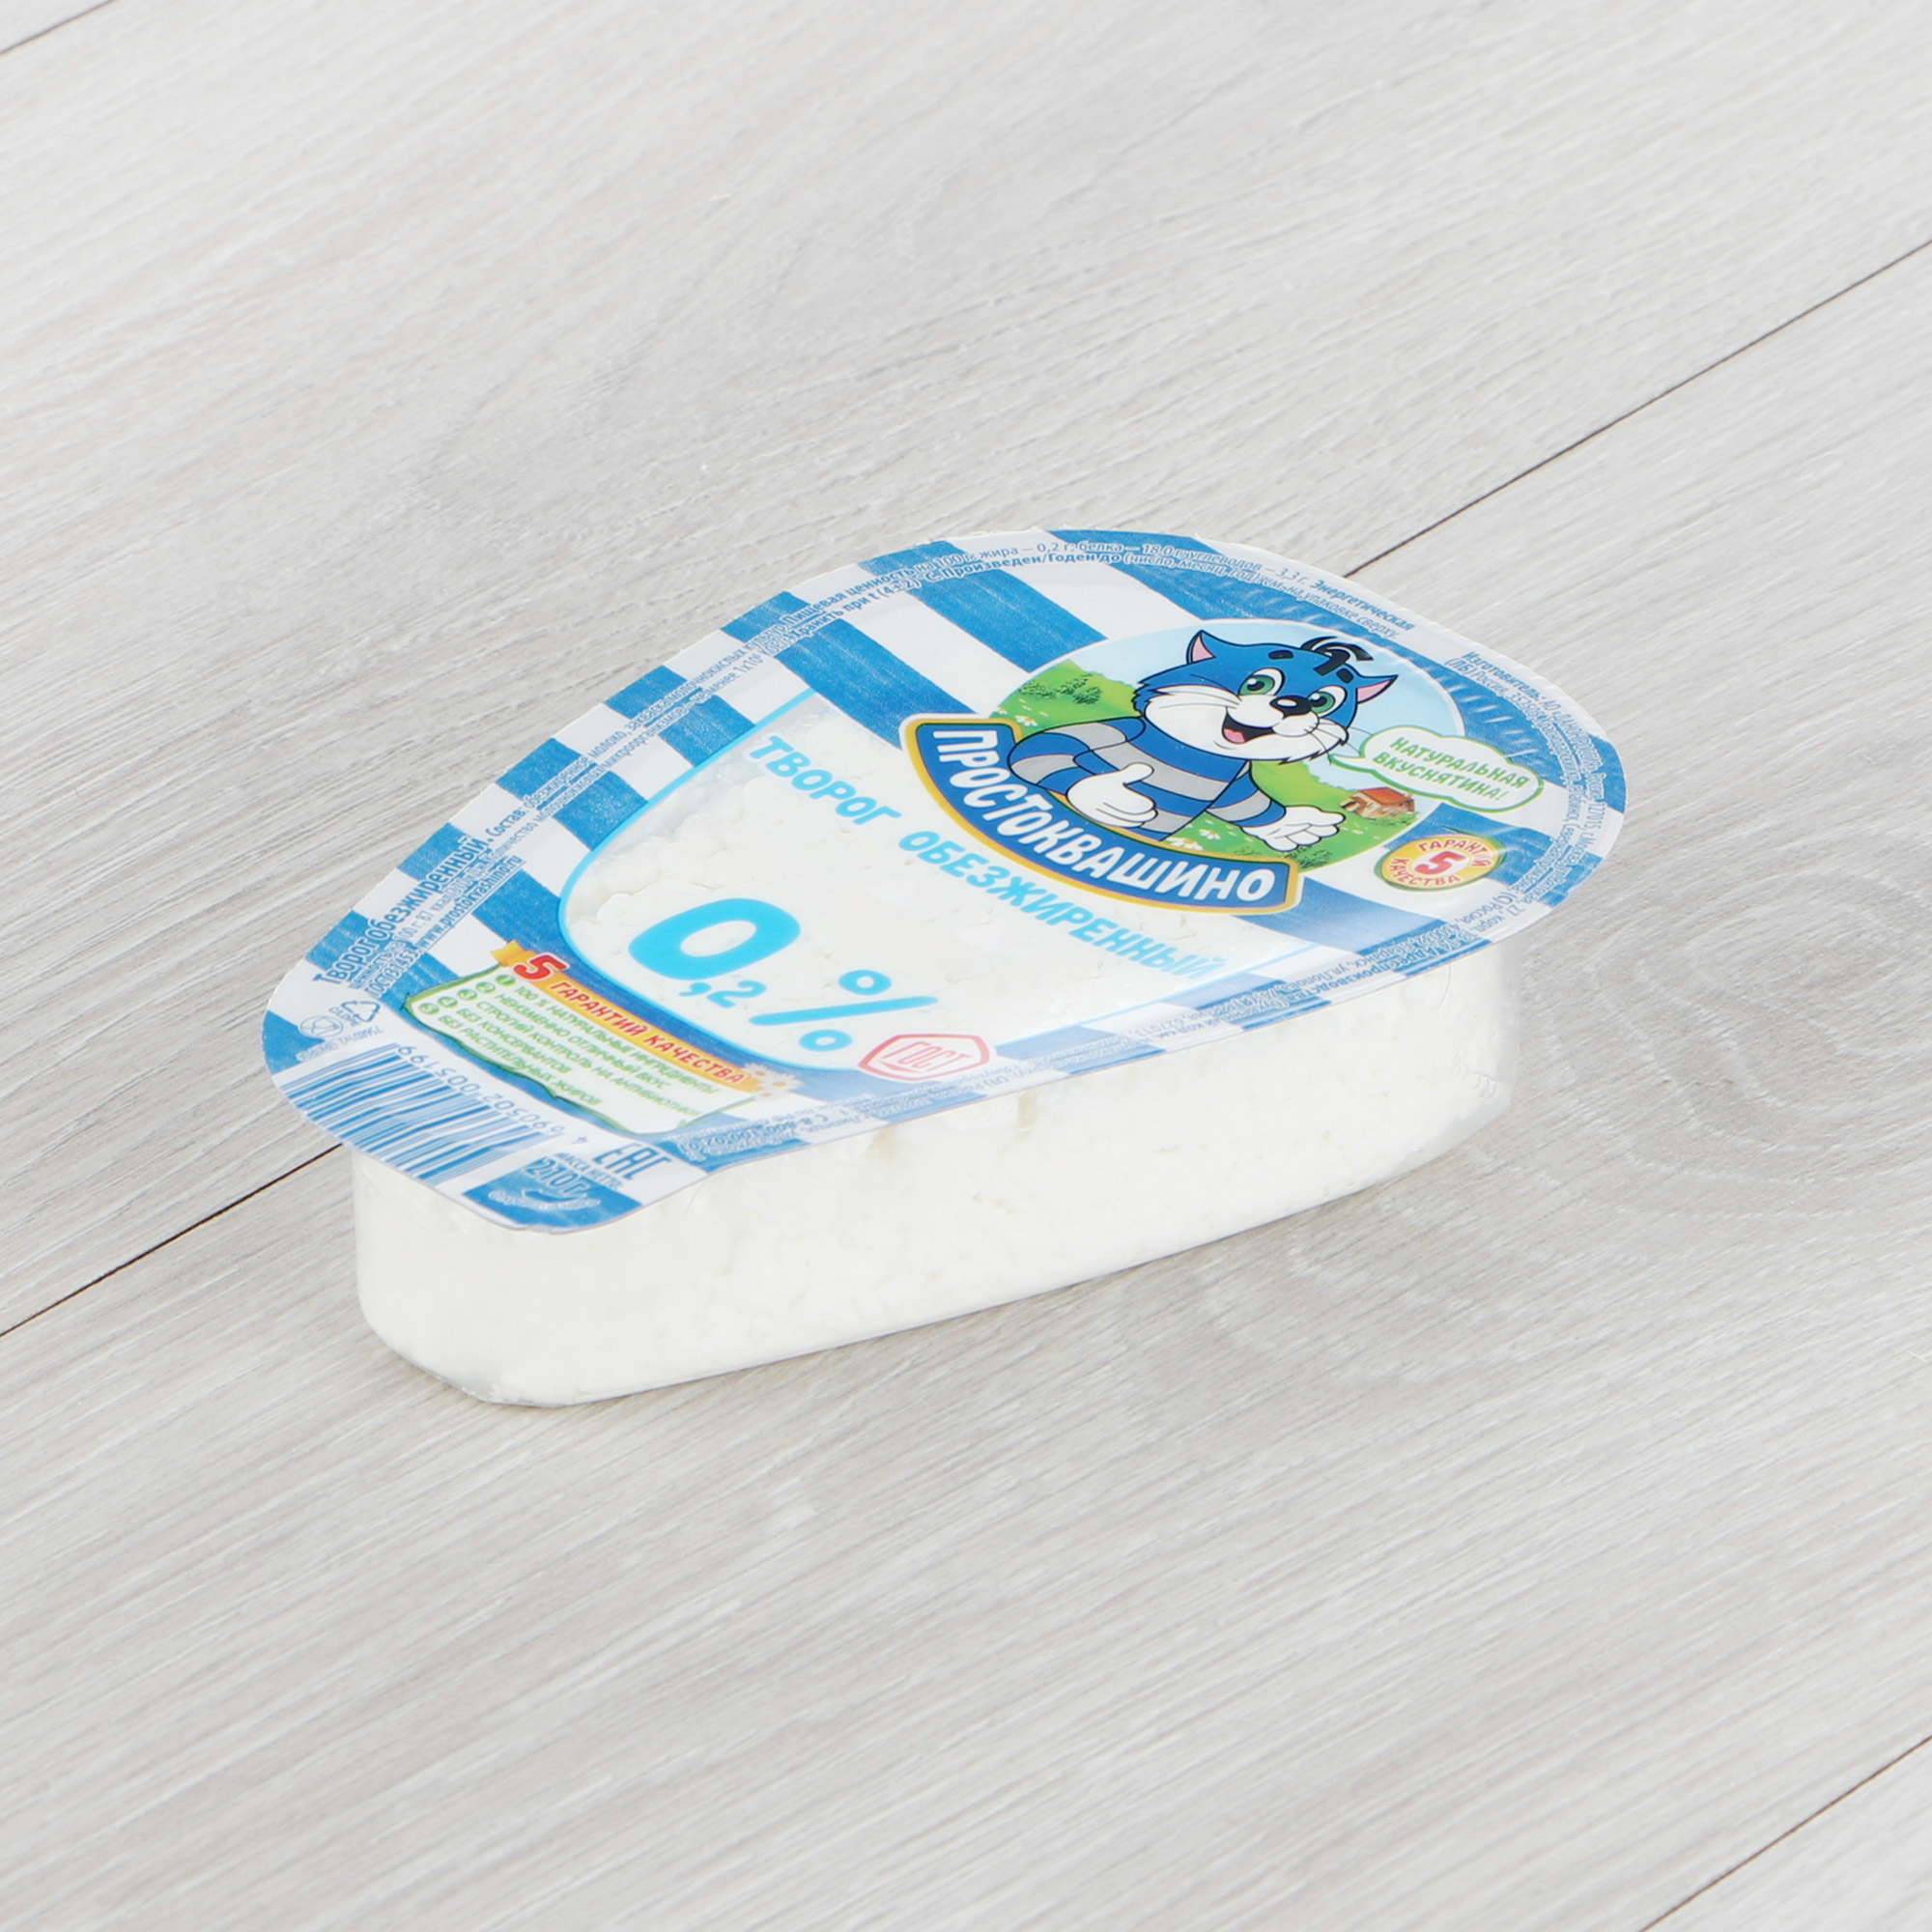 творог обезжиренный простоквашино 0 2% 210 г Творог обезжиренный Простоквашино 0,2% 210 г